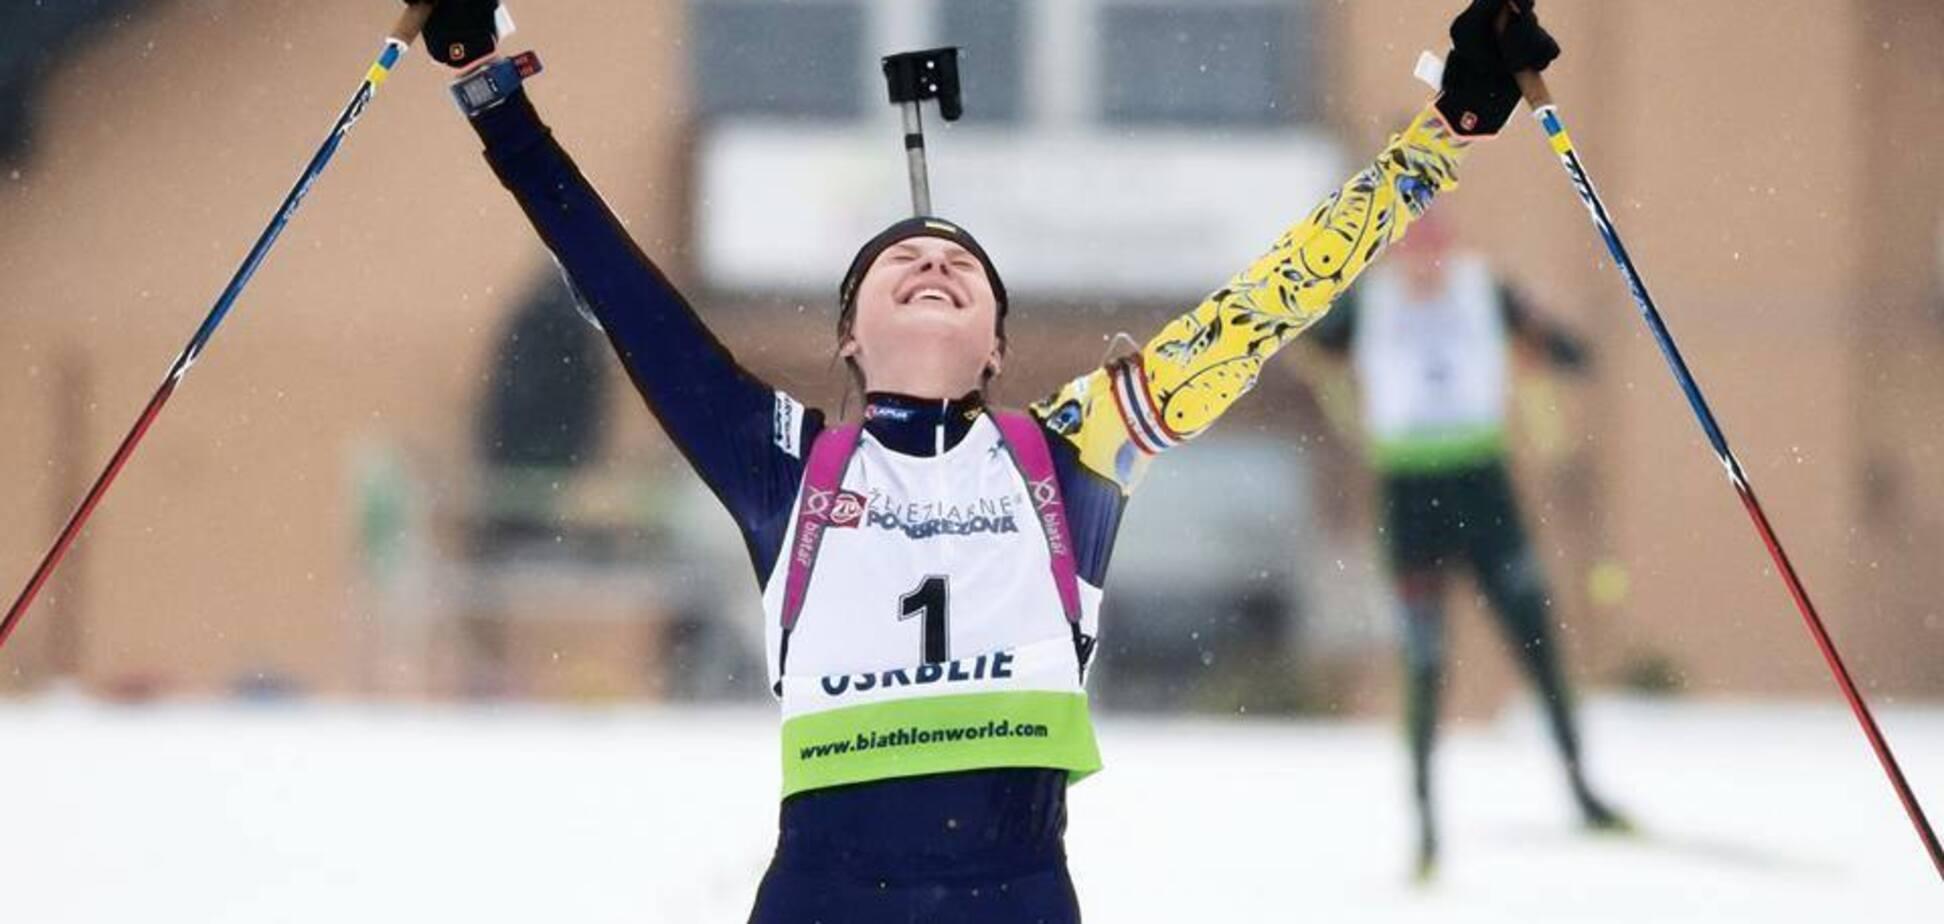 'Золото' для Украины от сбежавшей хабаровской биатлонистки вызвало ярость в России